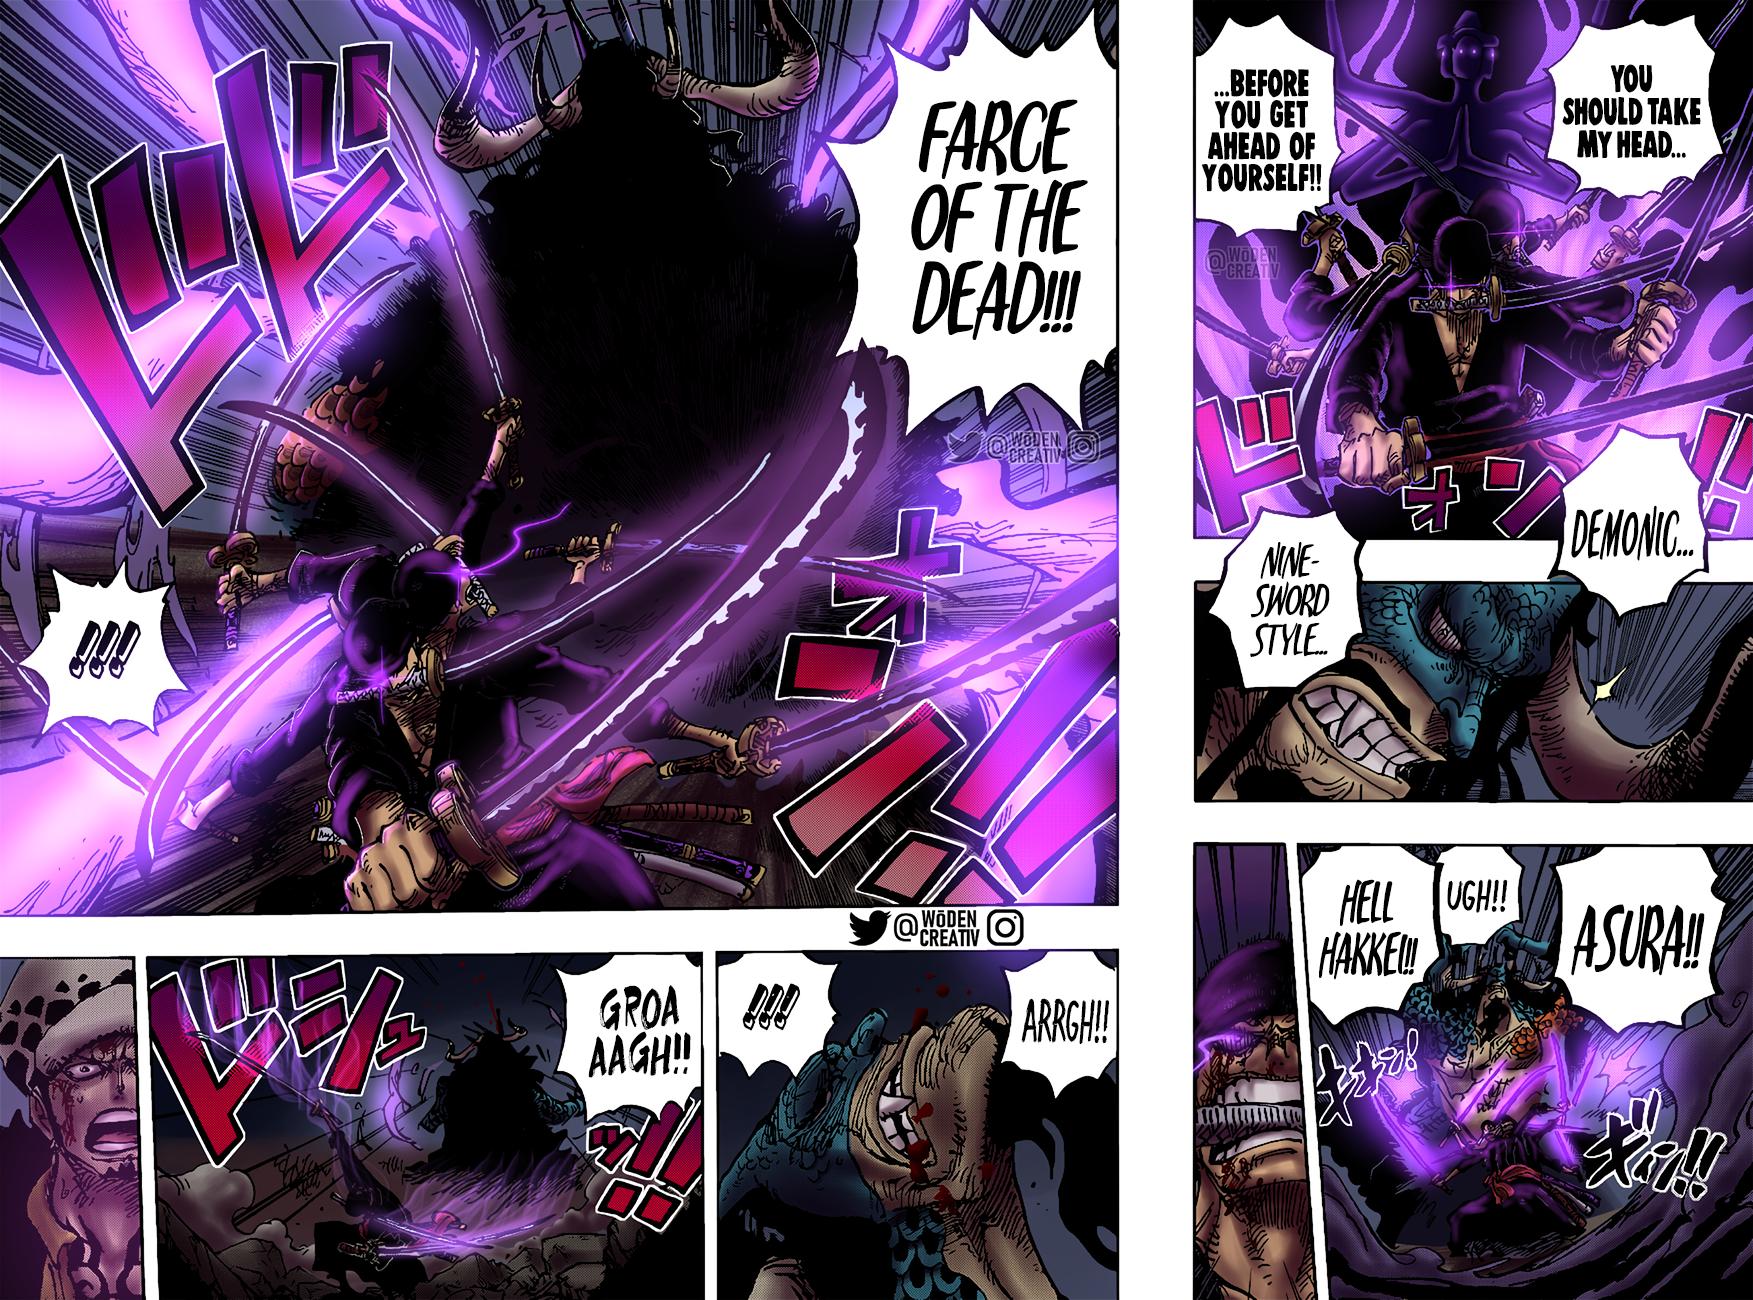 ne Piece: Lý do có thể khiến Haki Bá Vương của Zoro bộc lộ ở Wano Quốc One-Piece-game4v-6